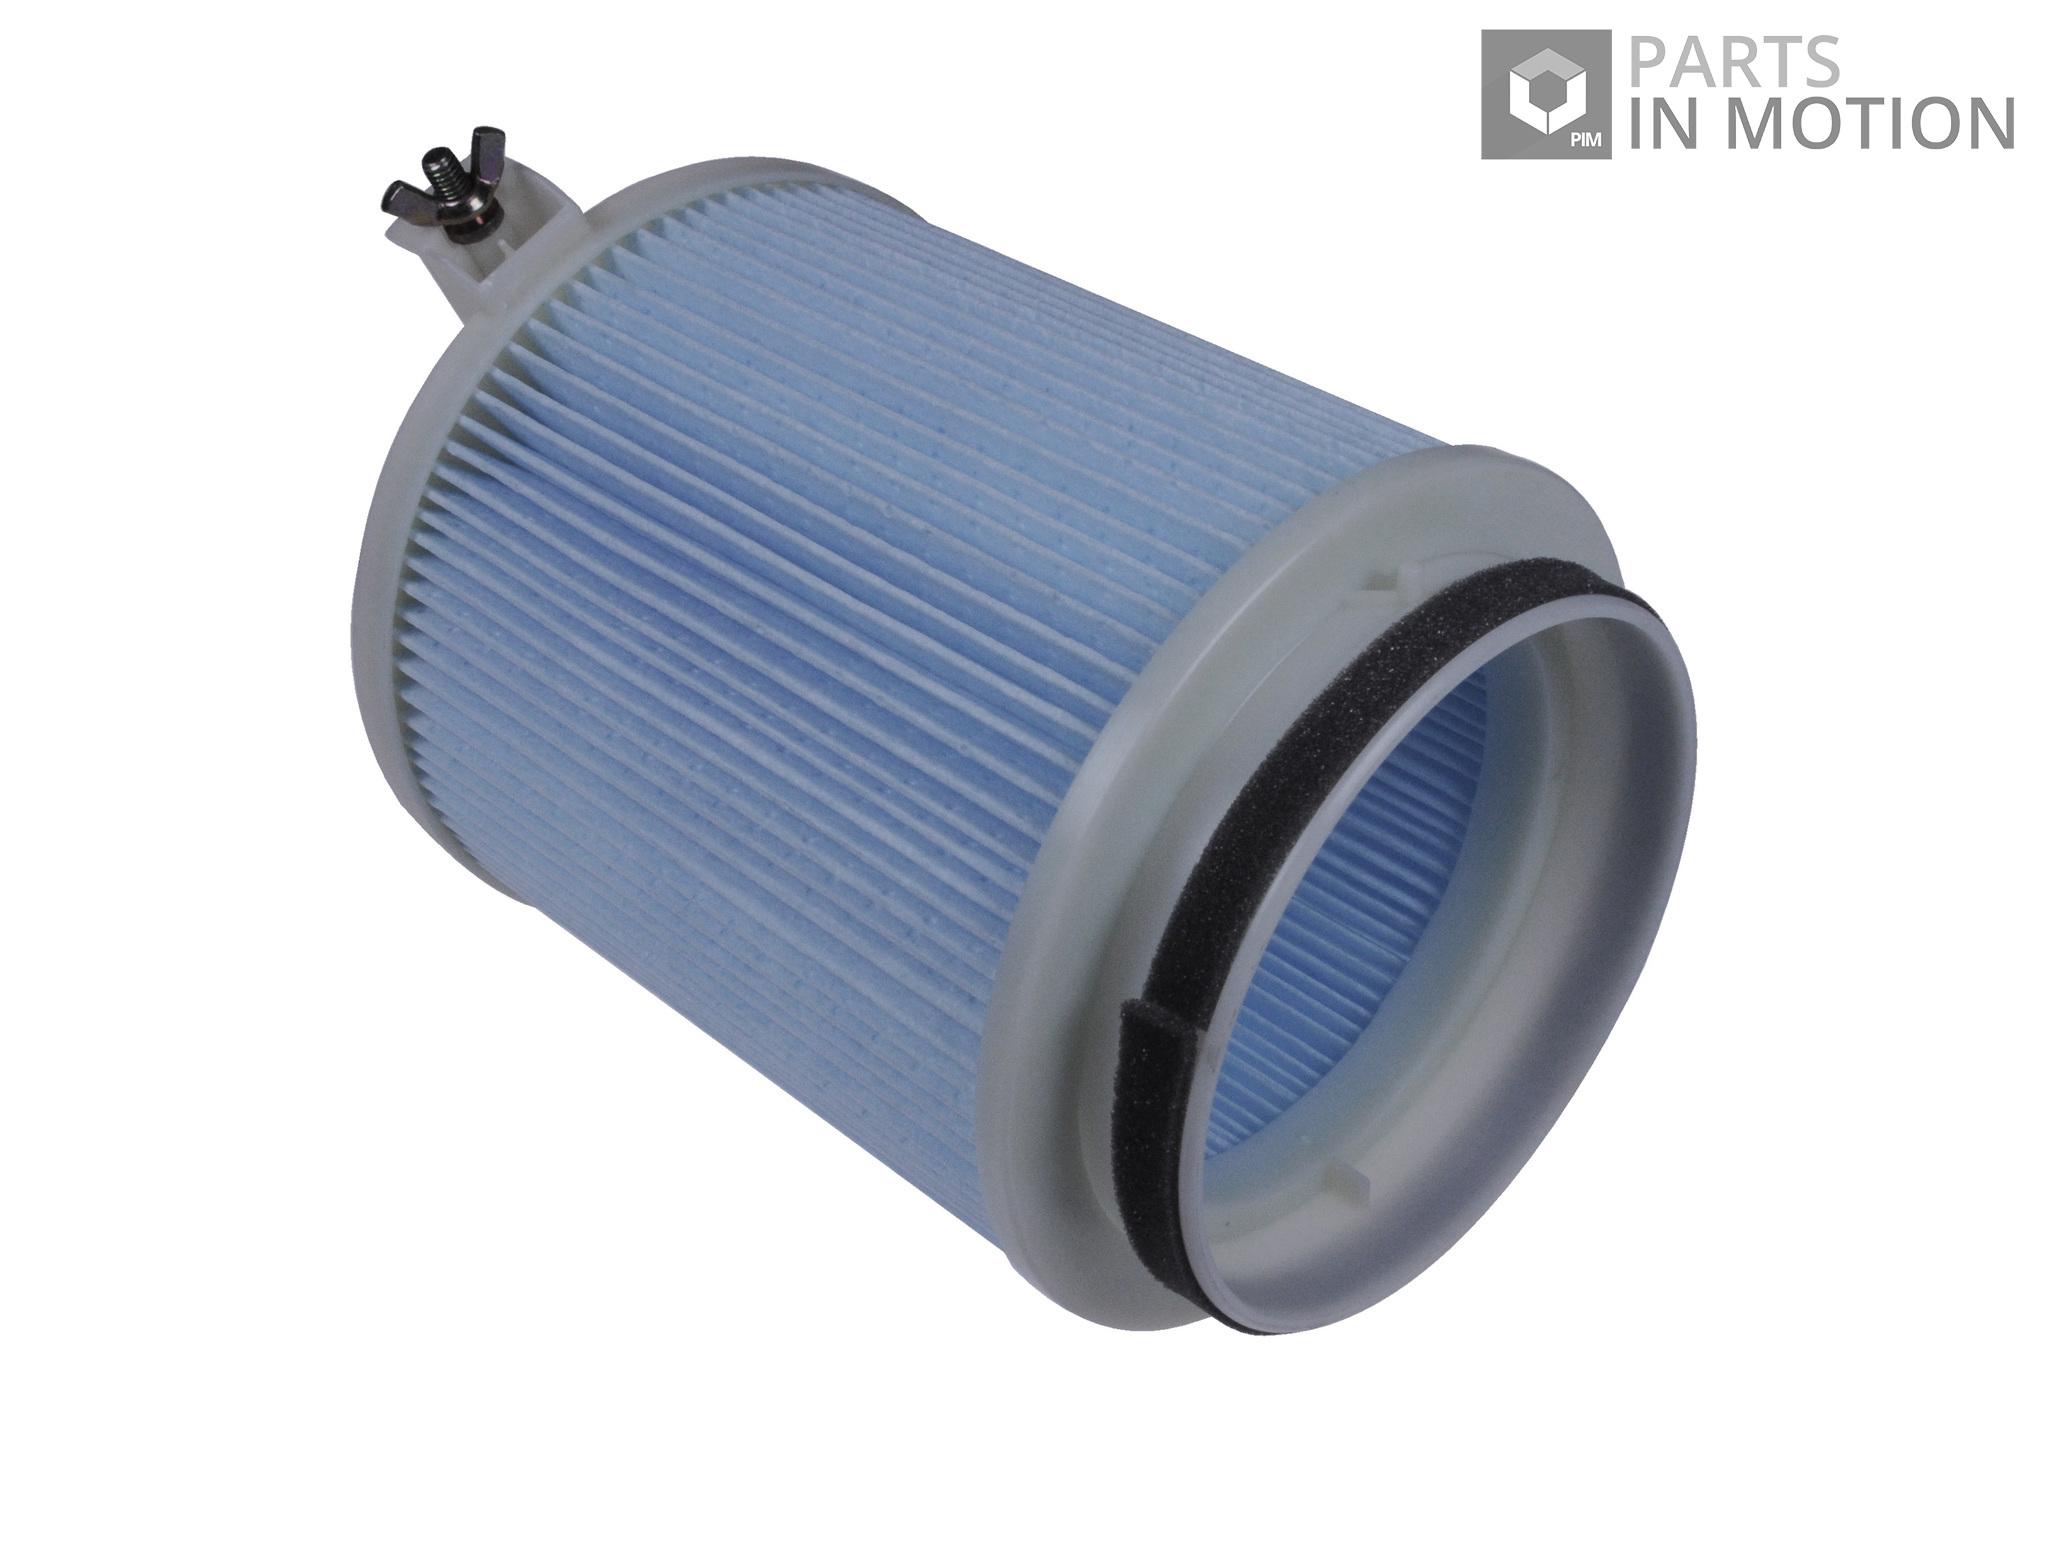 RENAULT KANGOO 1.5D Pollen / Cabin Filter 05 to 08 ADN12534 Blue Print New